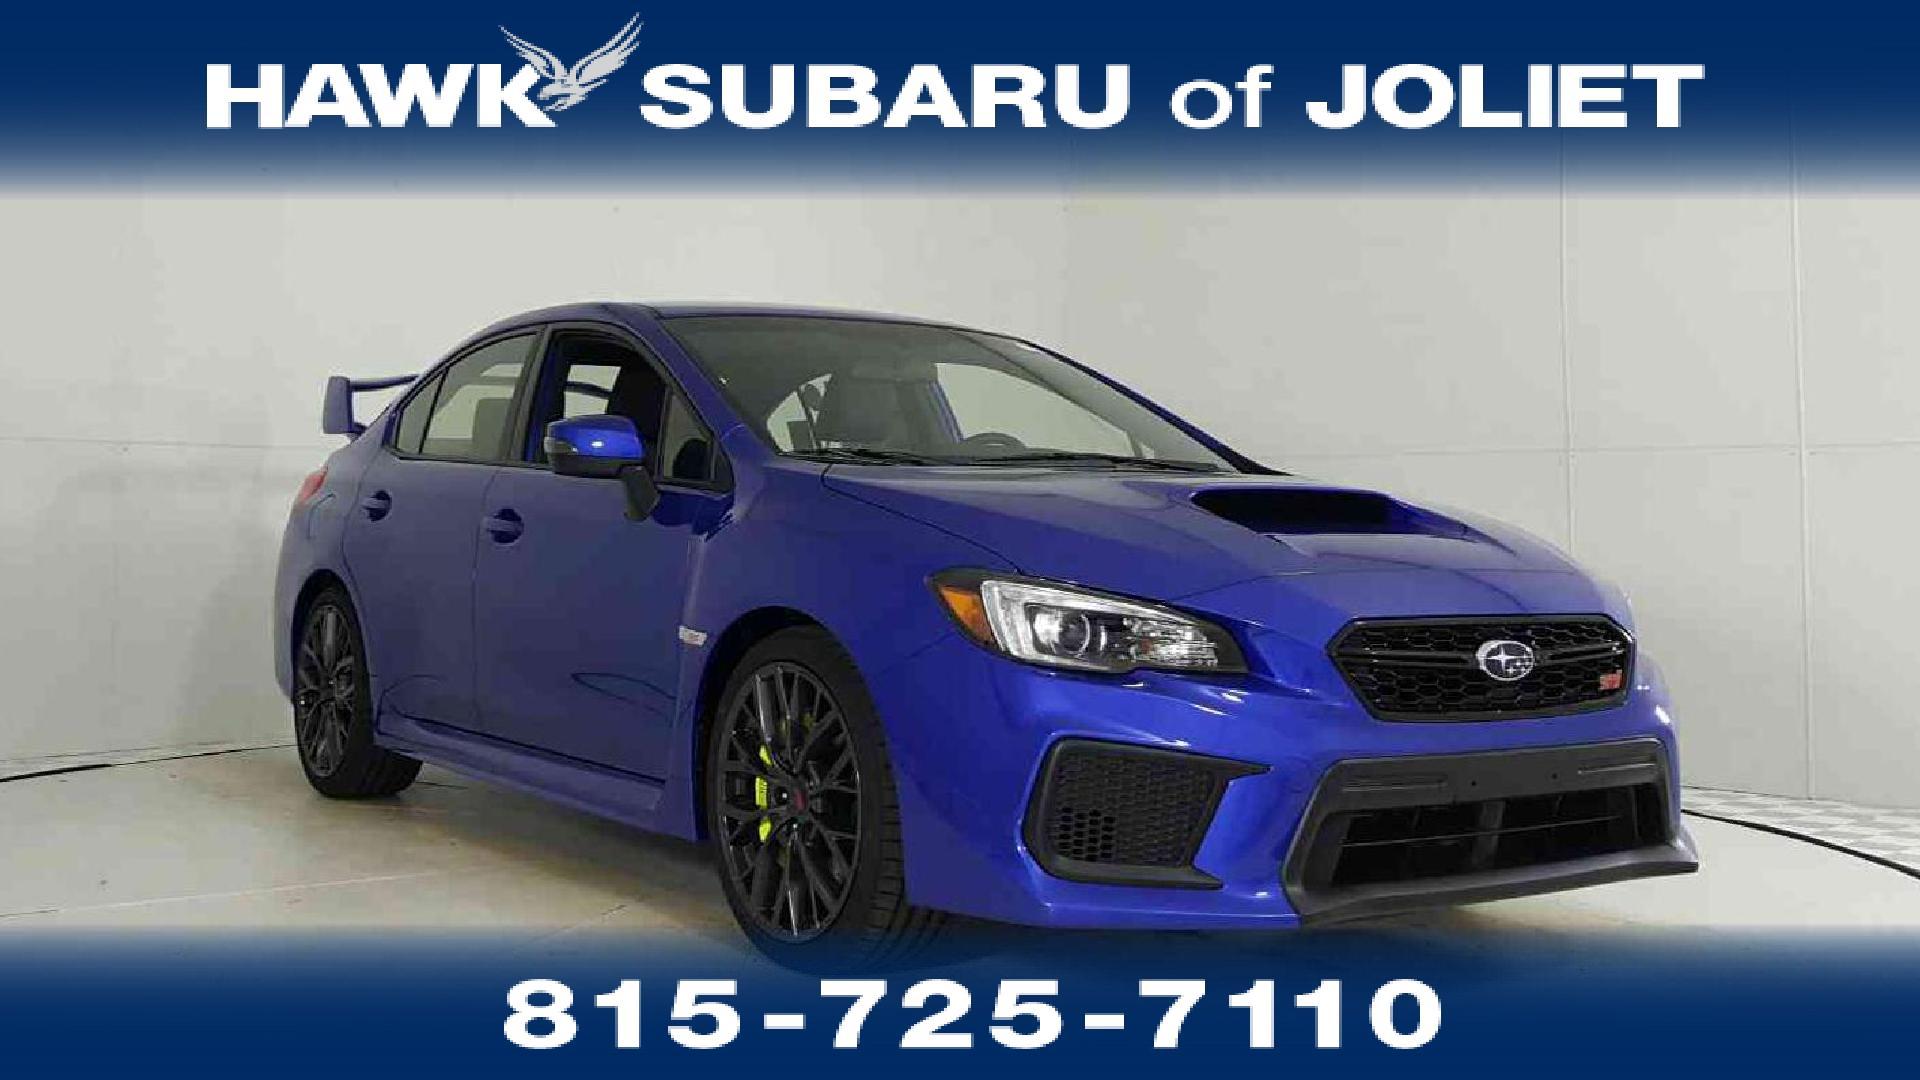 New 2019 Subaru Wrx Sti For Sale In Joliet Il Near Lockport Il